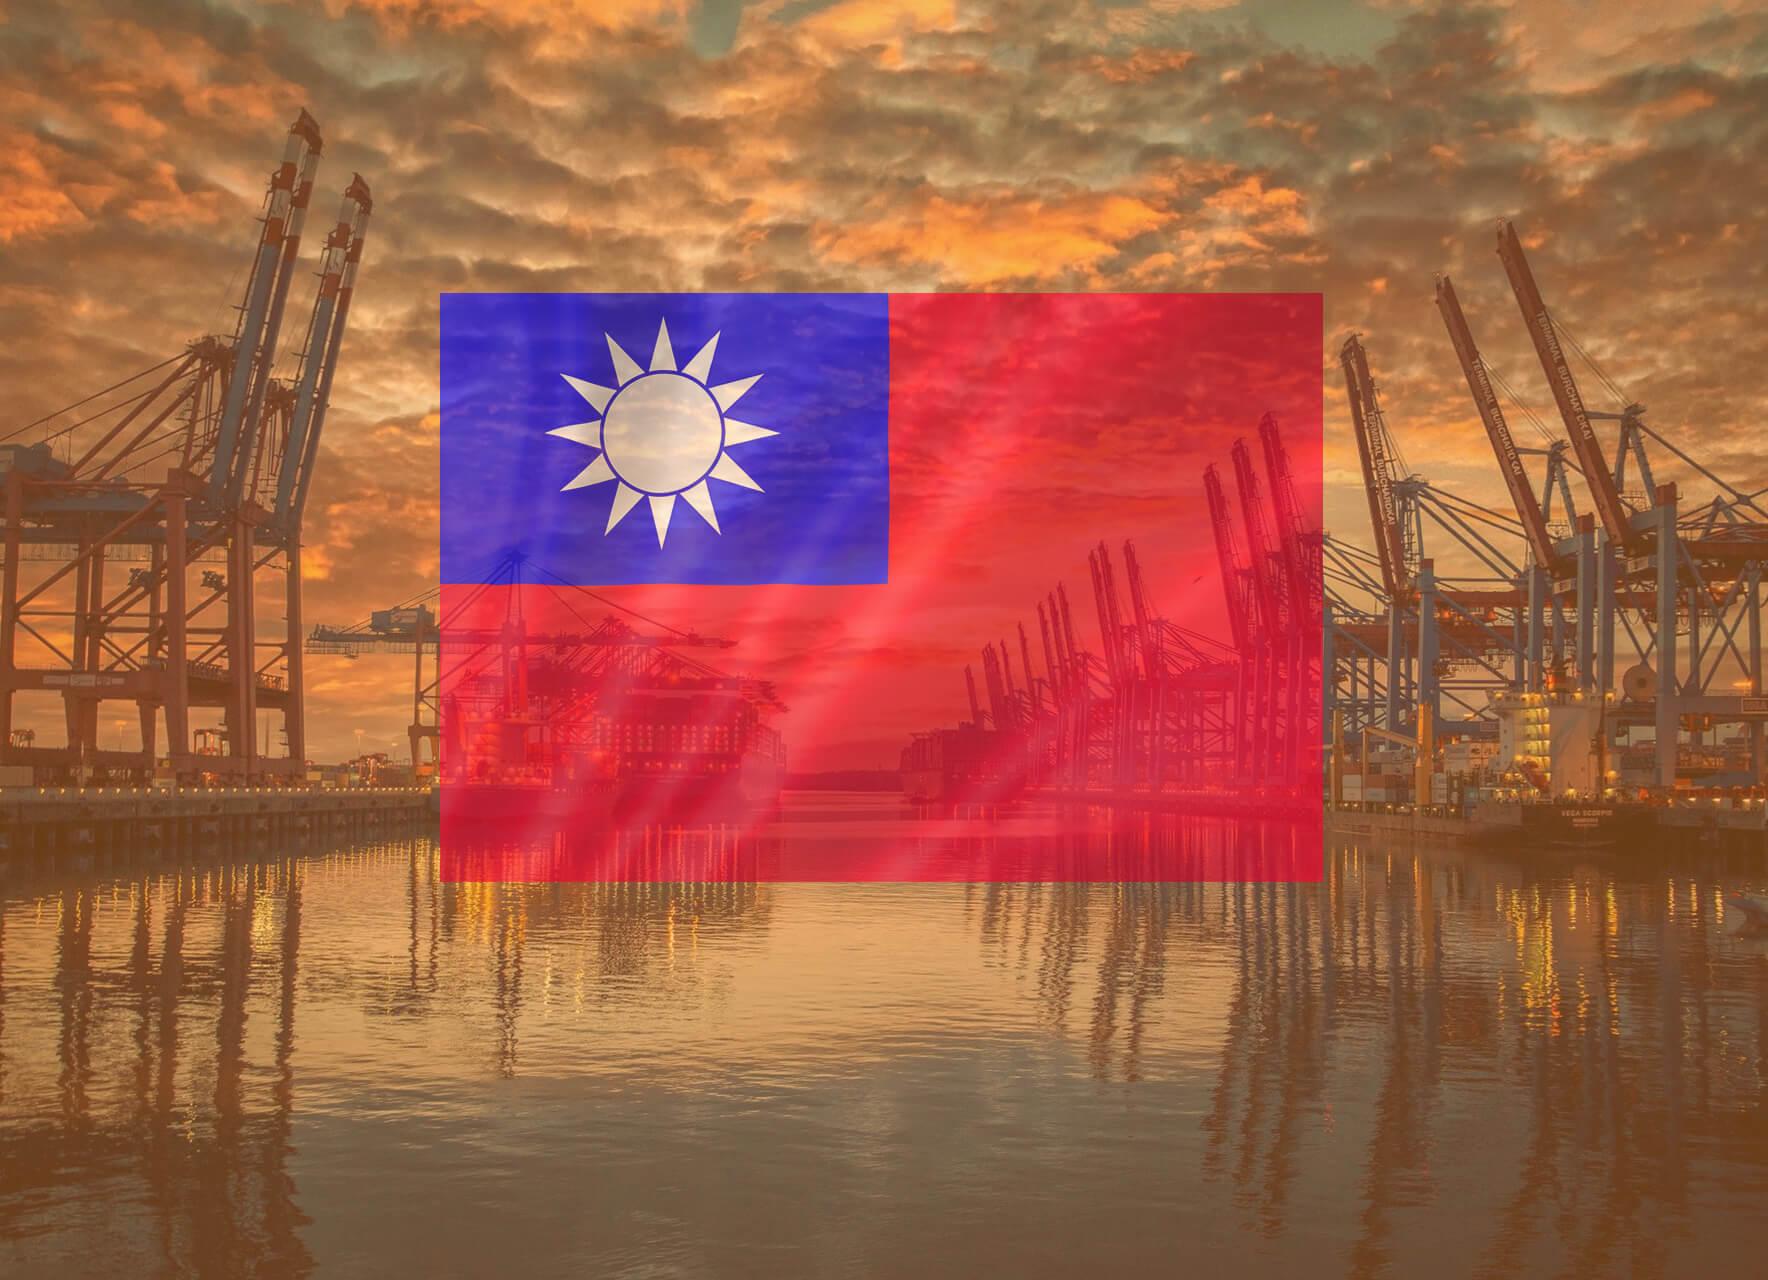 台湾の関税制度の基礎知識 | 台湾の関税率を調べる3つの方法 / 関税体系・種類・課税基準…ほか